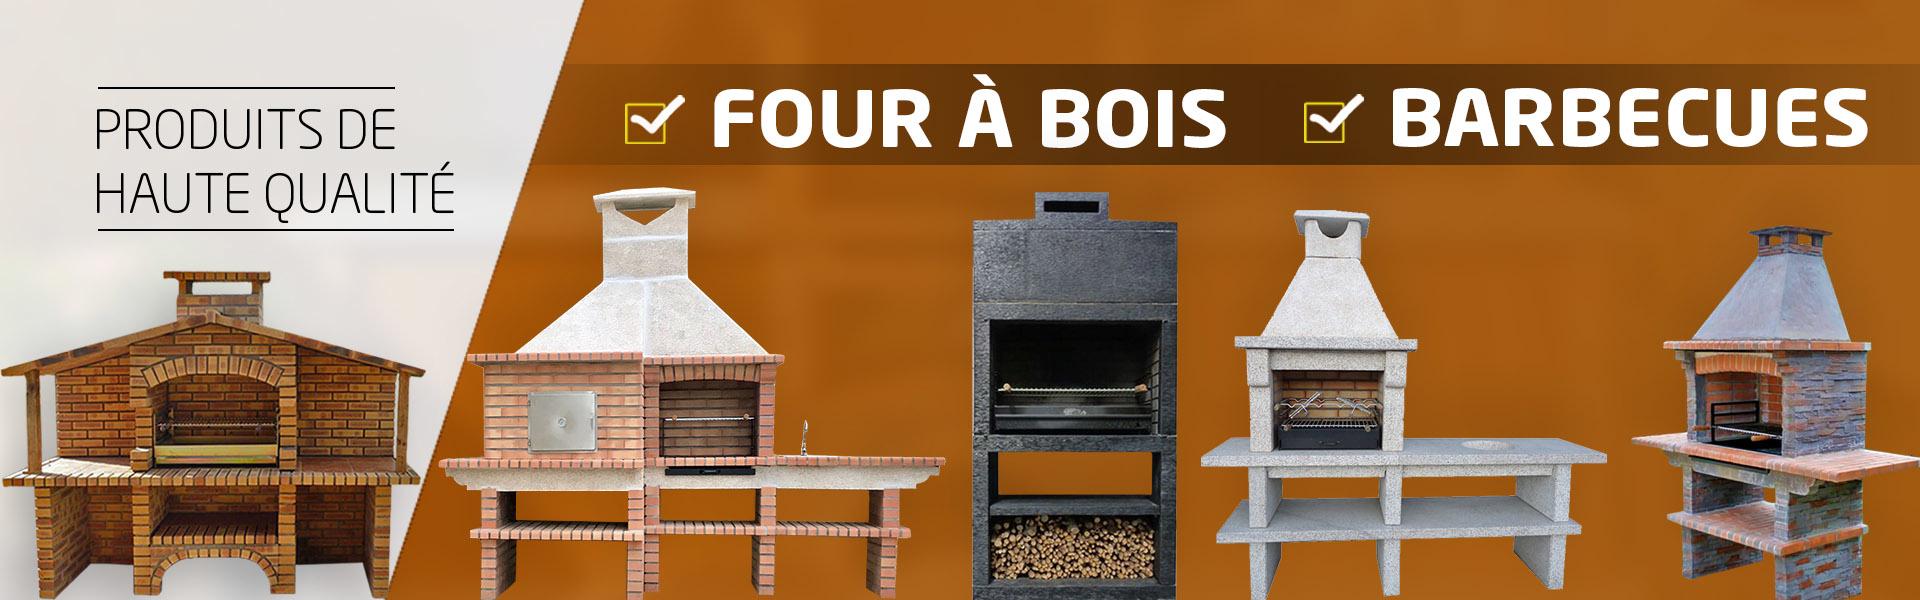 Barbecues En Pierre Et Brique, Four A Bois A Pain Et Pizza ... destiné Barbecue De Jardin En Brique